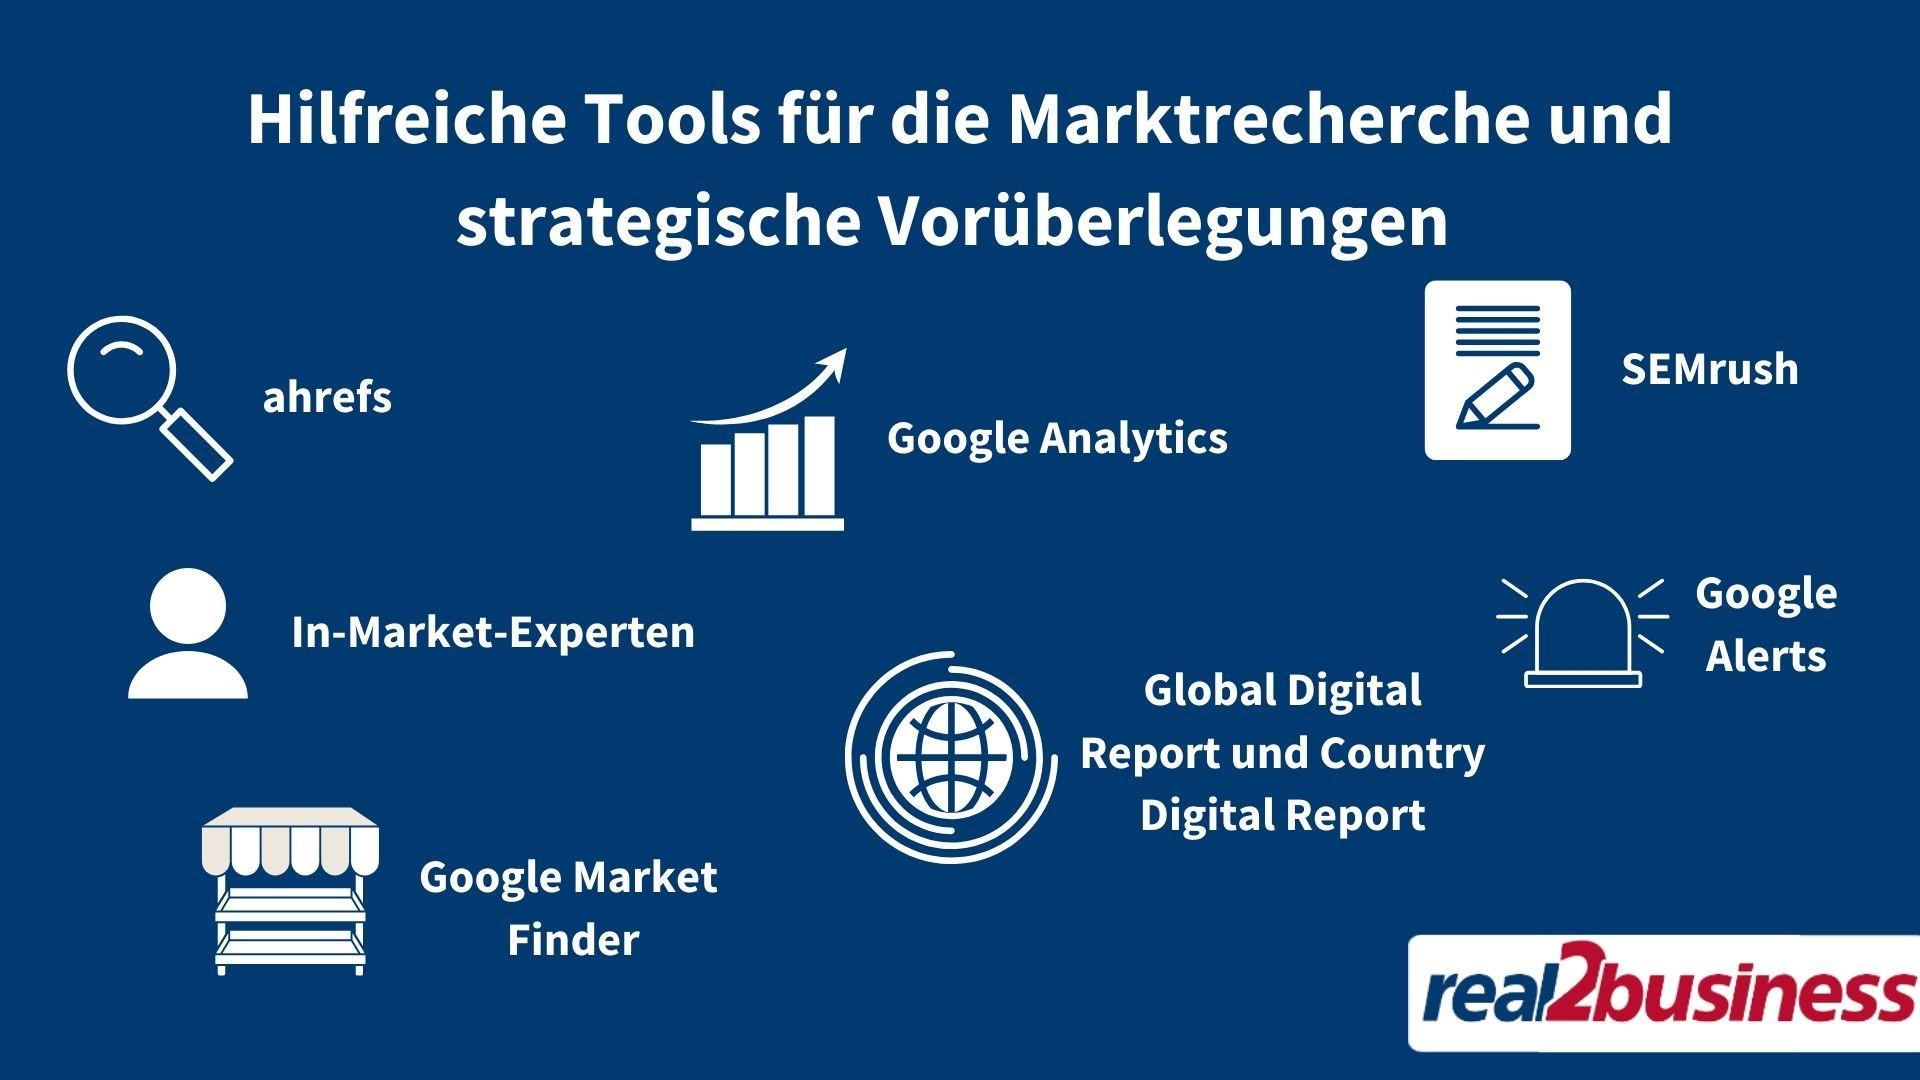 Hilfreiche Tools für Marktrecherche